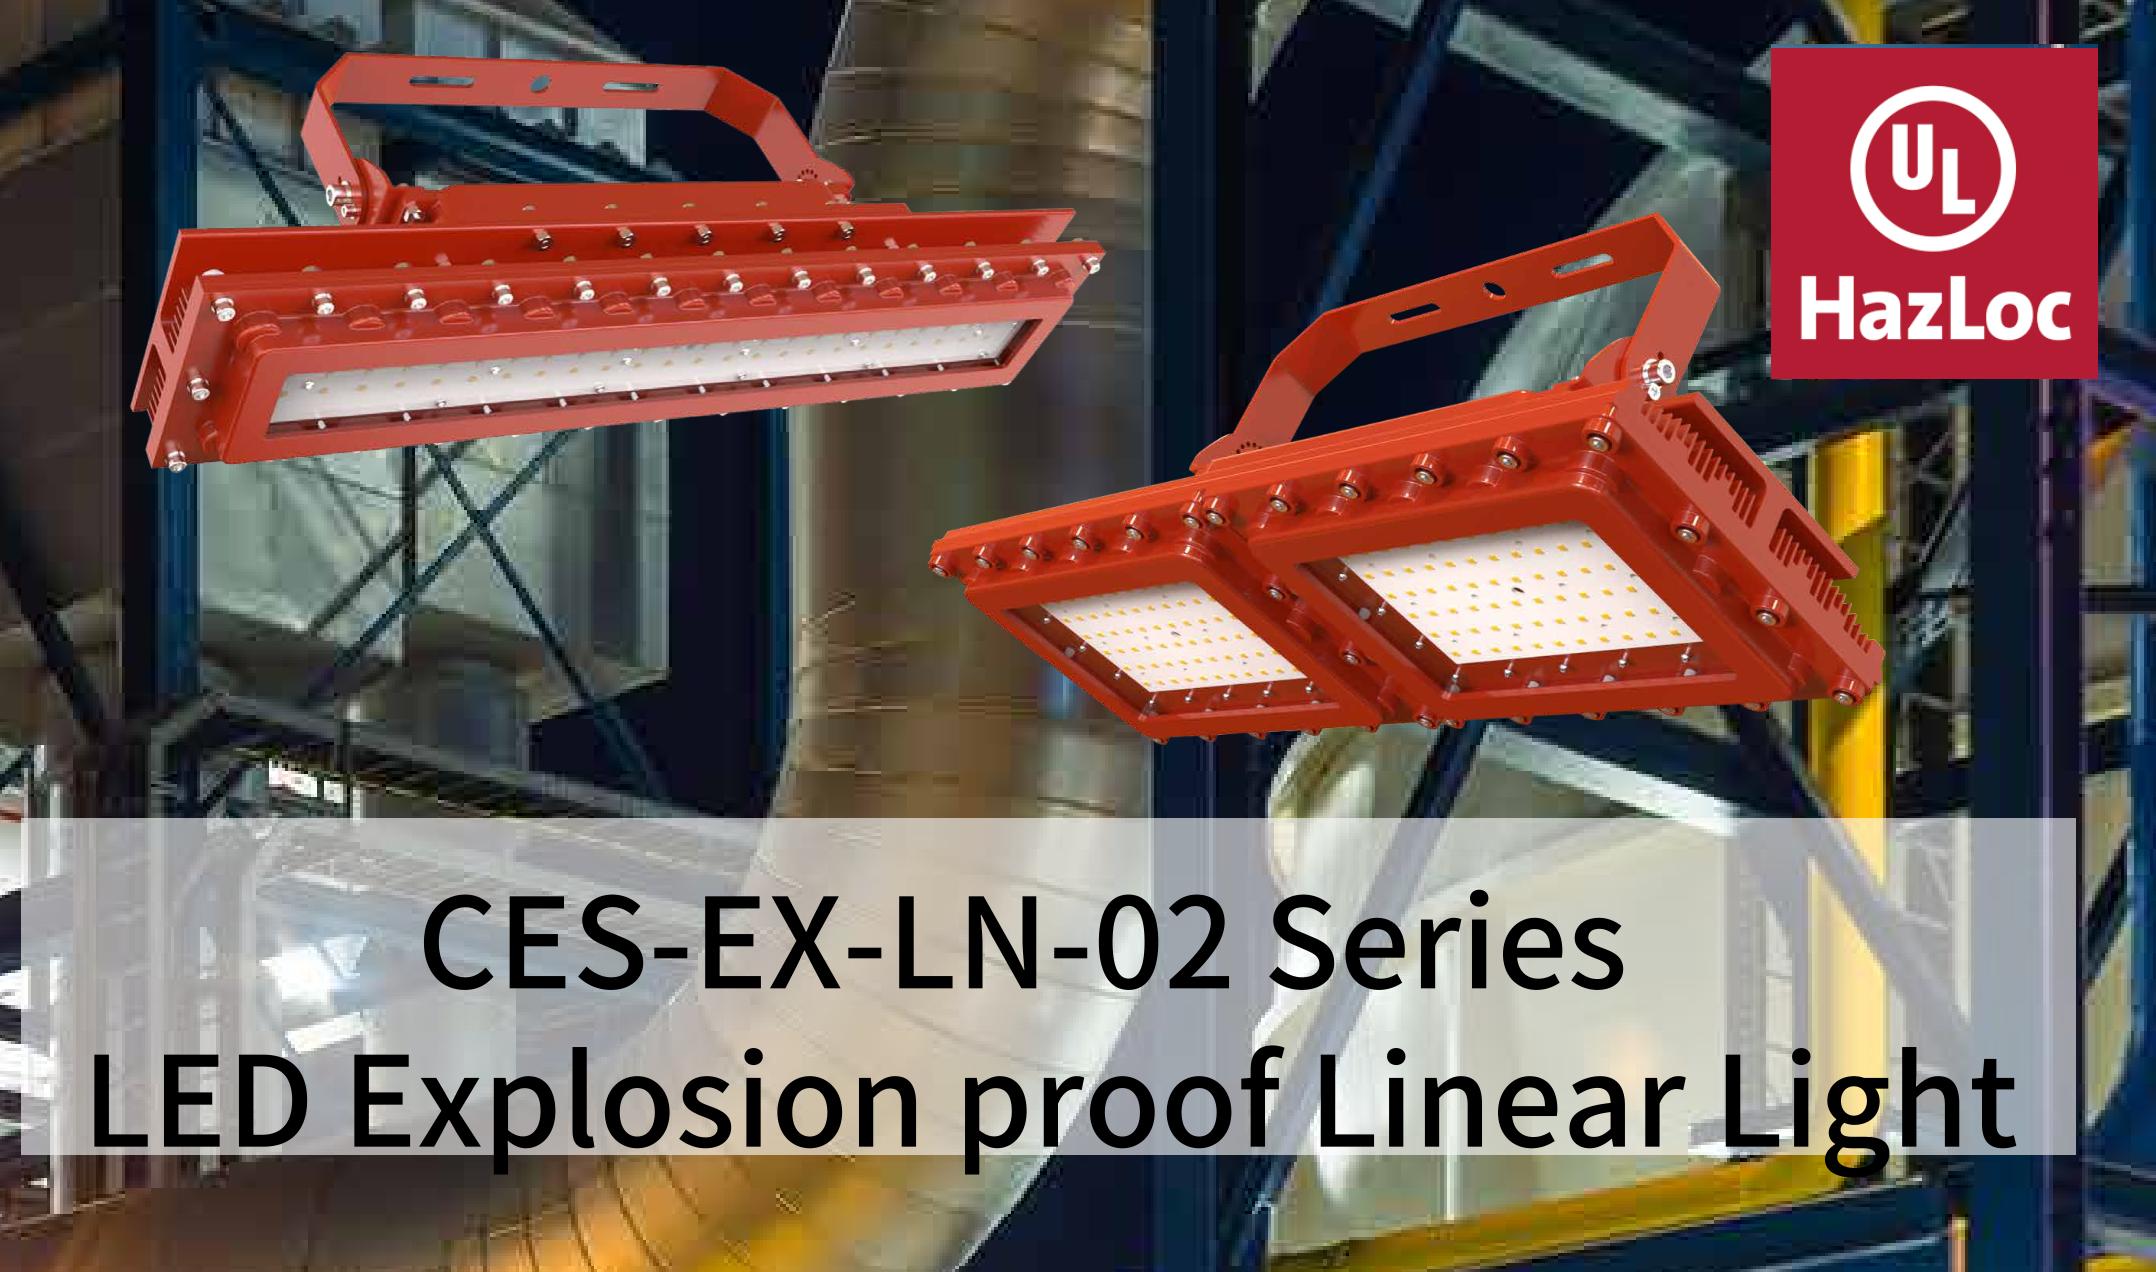 EX-LN-02 series UL844 LED Explosion Light